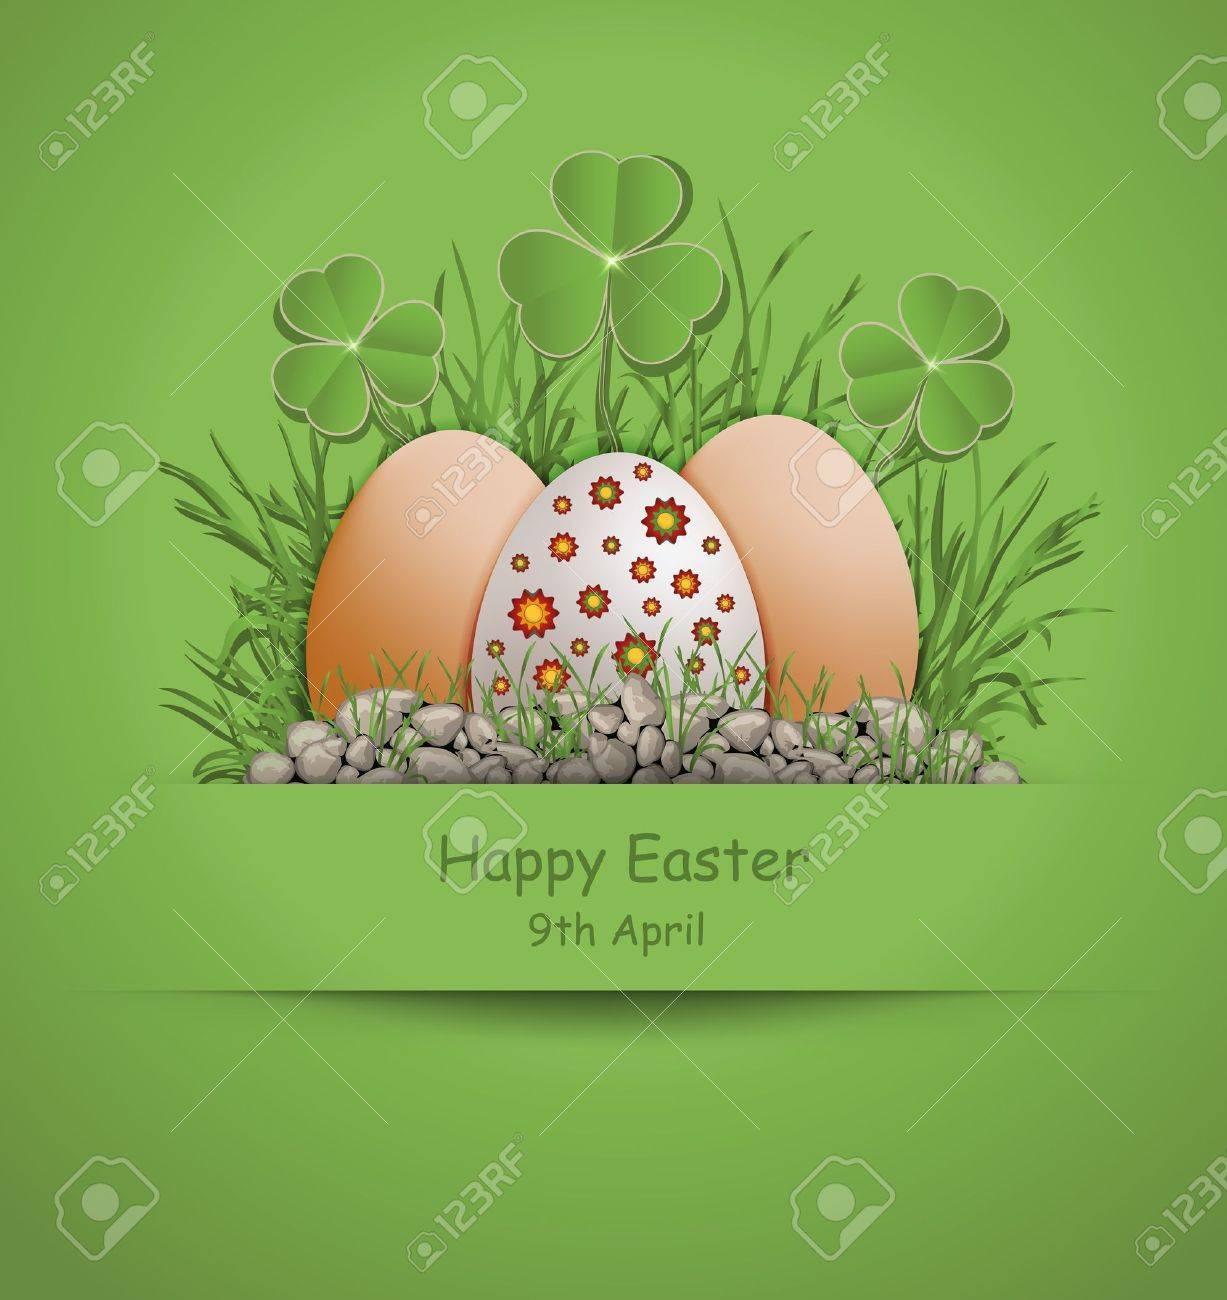 Easter Egg green Stock Vector - 12492124